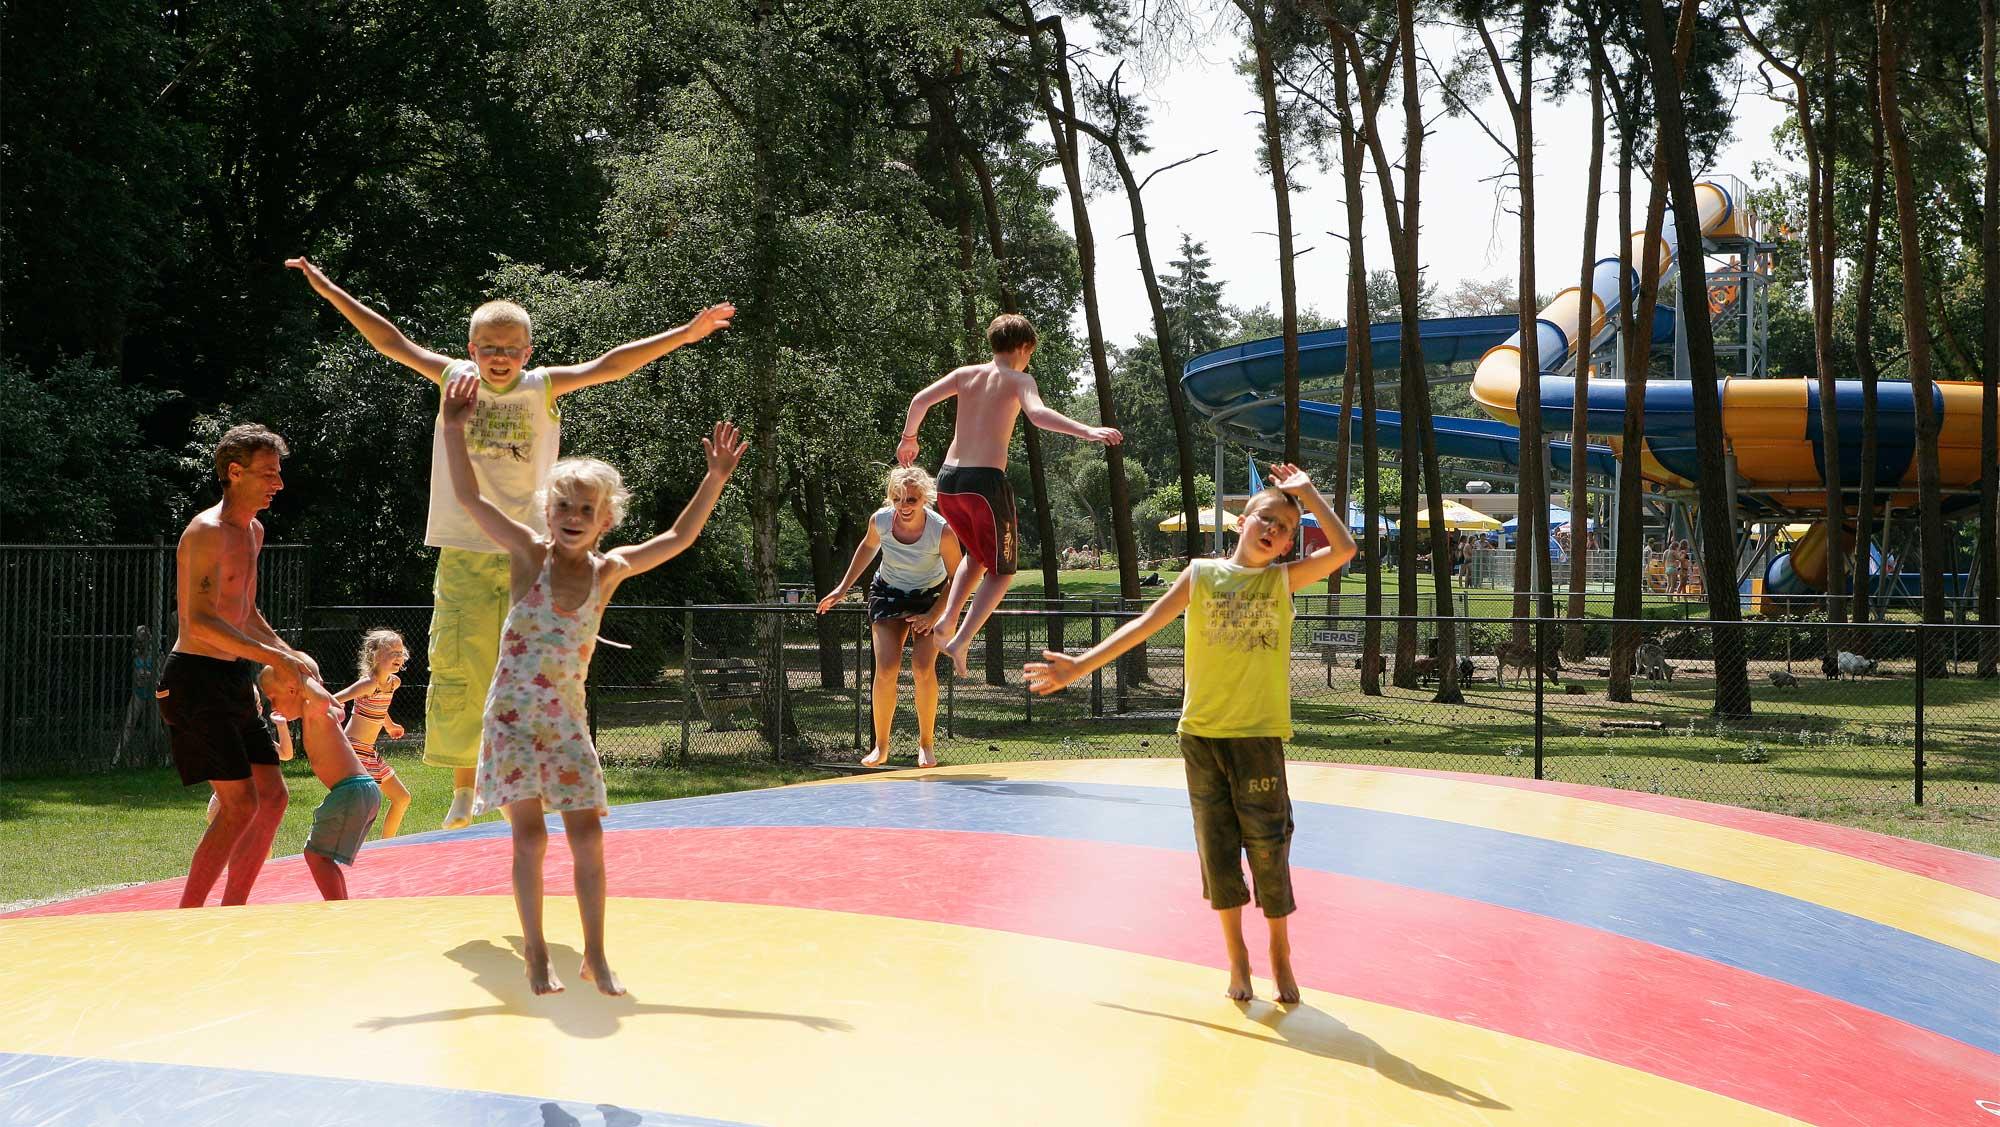 Waterspeelpark Splesj Molecaten Park Bosbad Hoeven 33 speeltuin airtrampoline